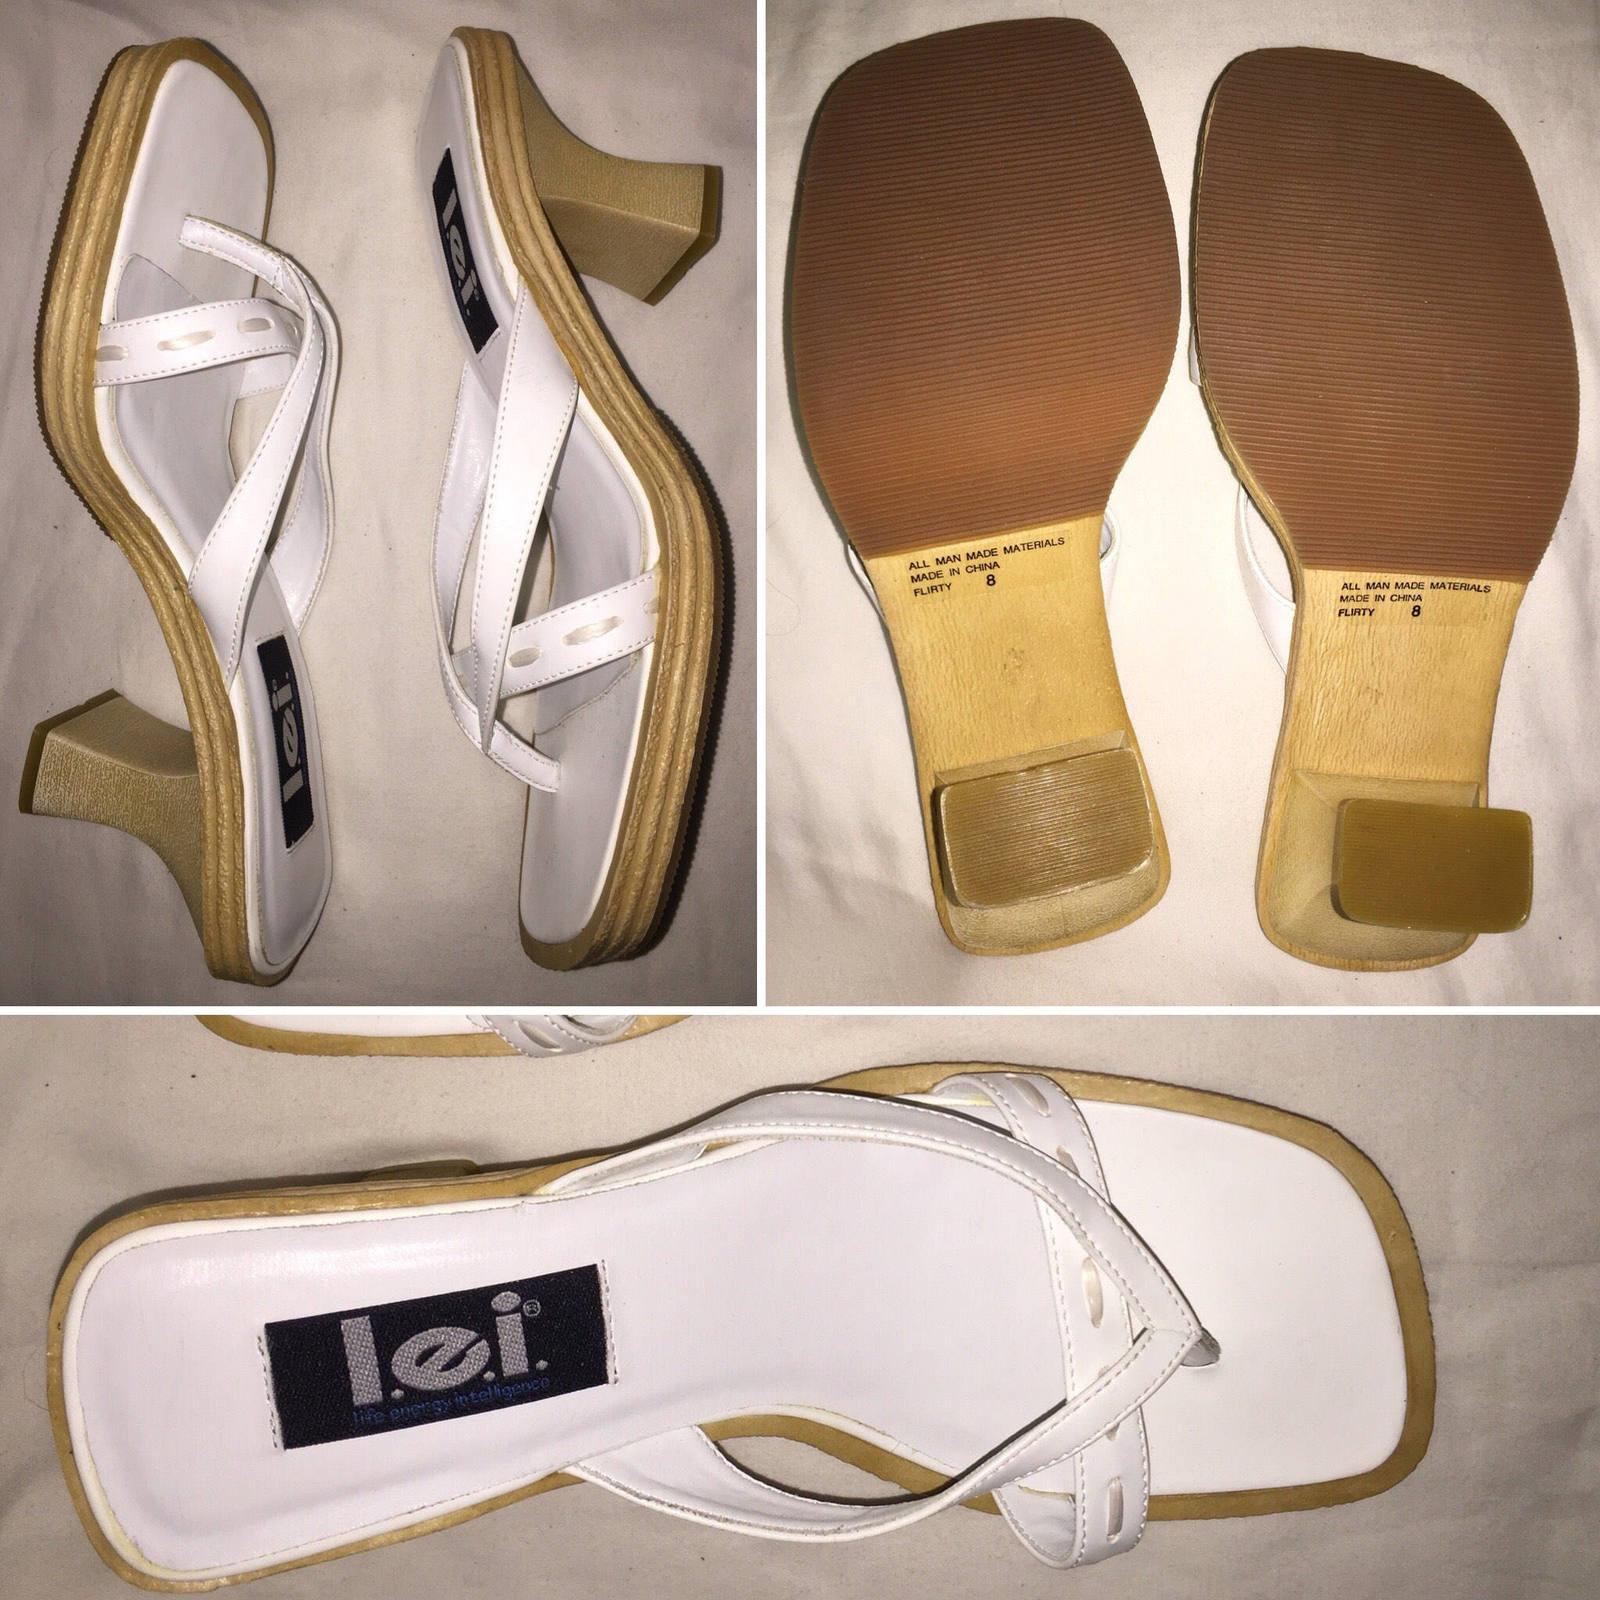 3e8136e374ab Il fullxfull.1406617522 j2d1. Il fullxfull.1406617522 j2d1. Previous. 1990 s  Vintage L.E.I Classy White High Heels Sandals ...